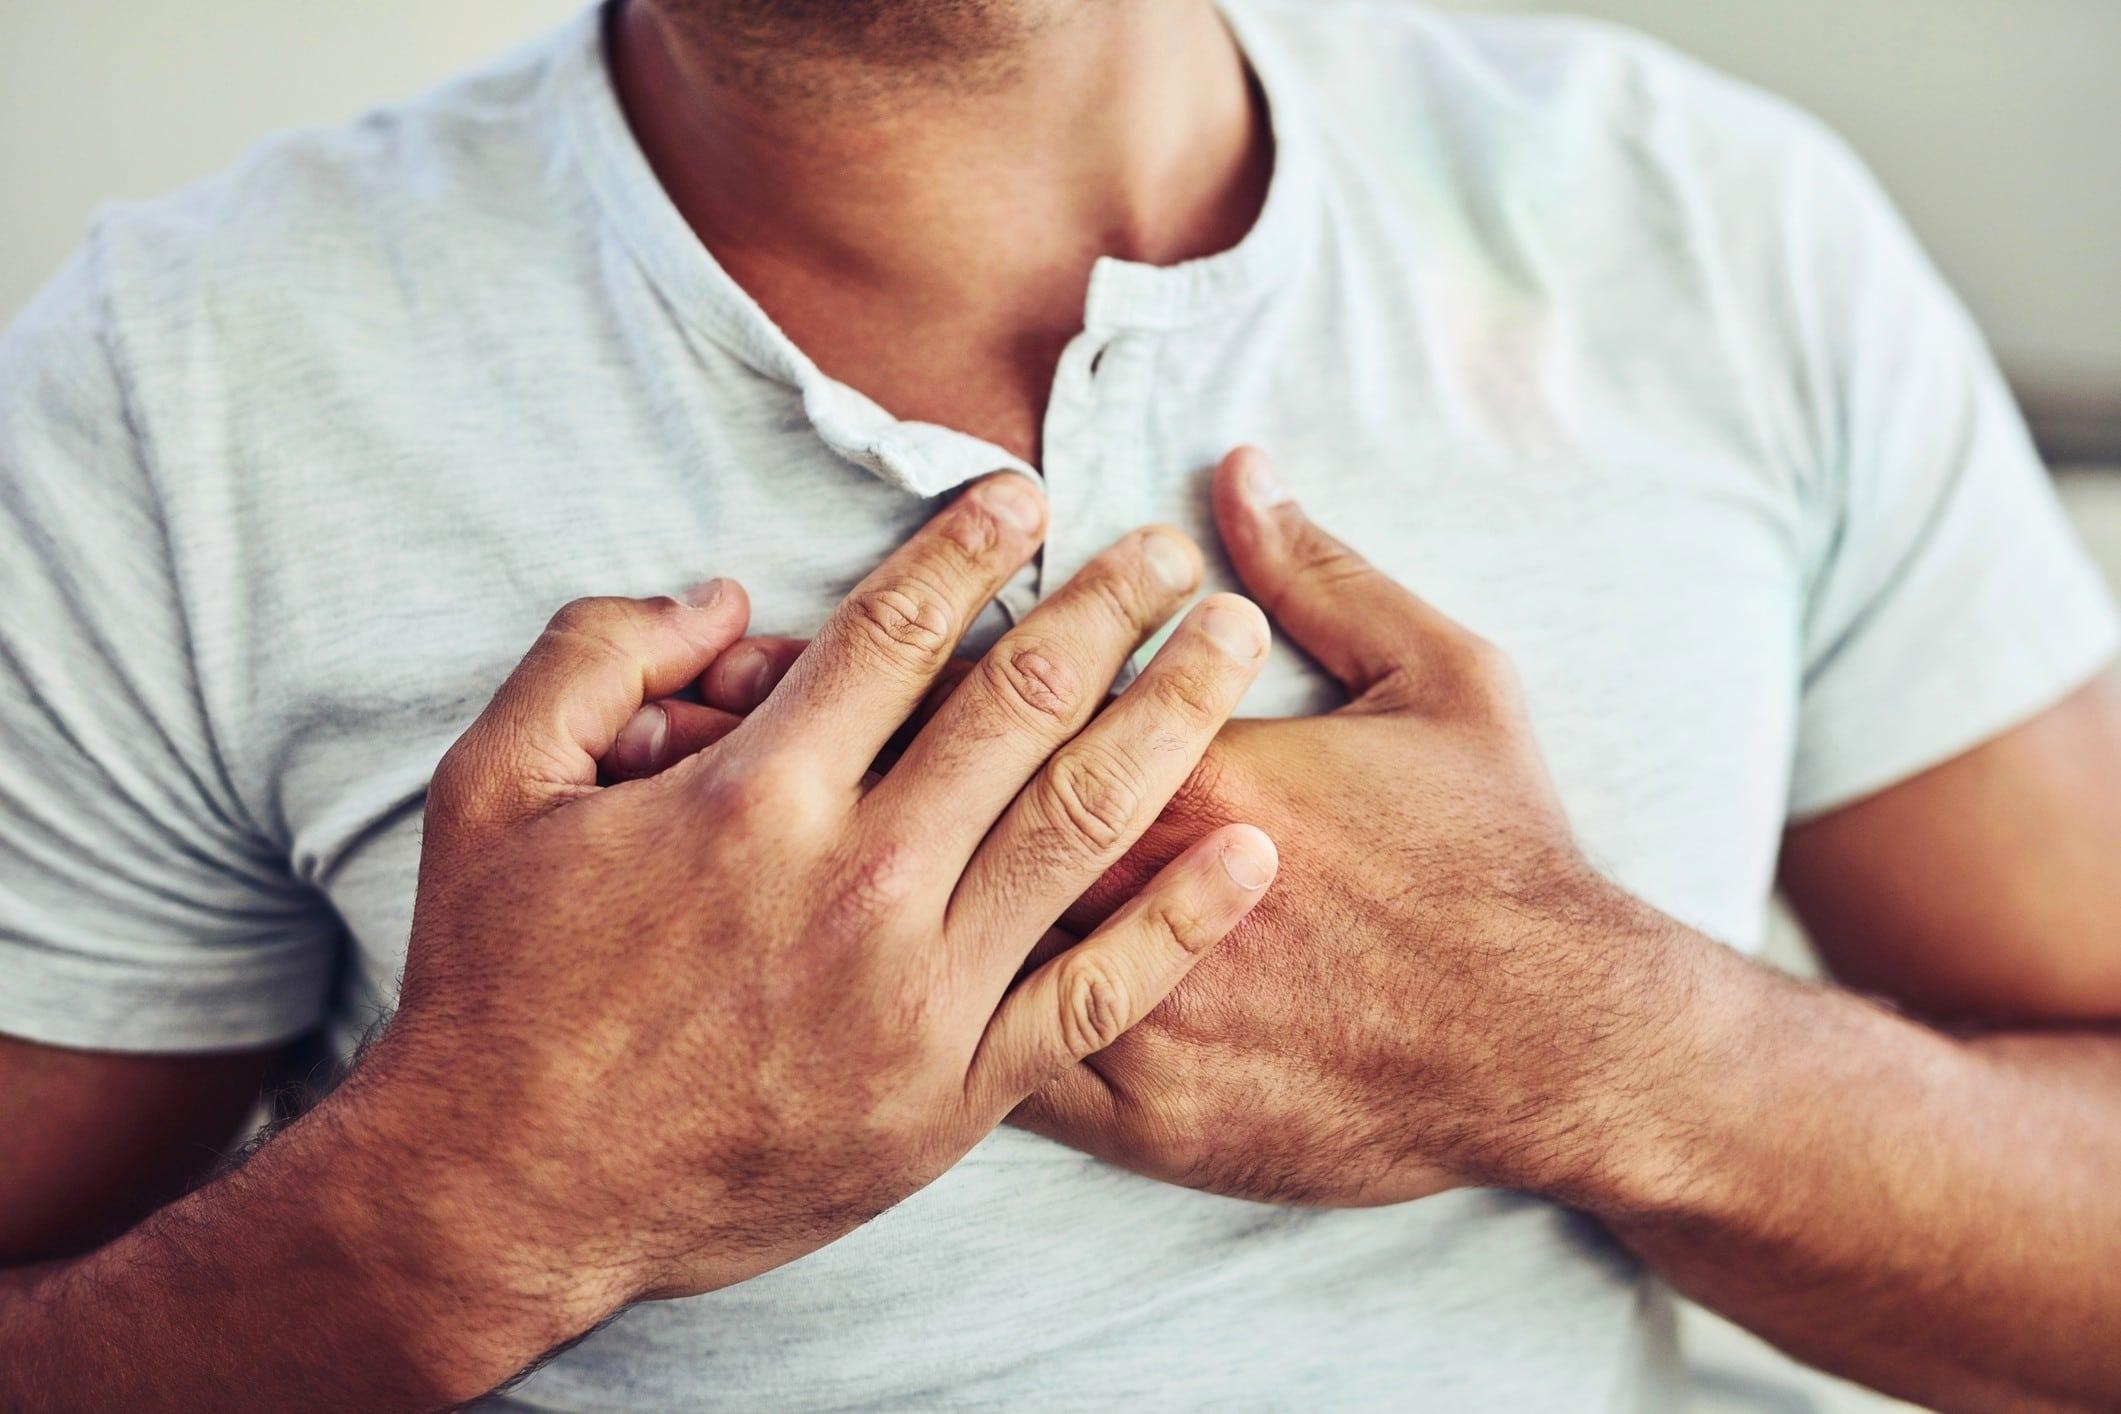 Nación Cannabis | Cannabis puede disminuir arritmias cardíacas